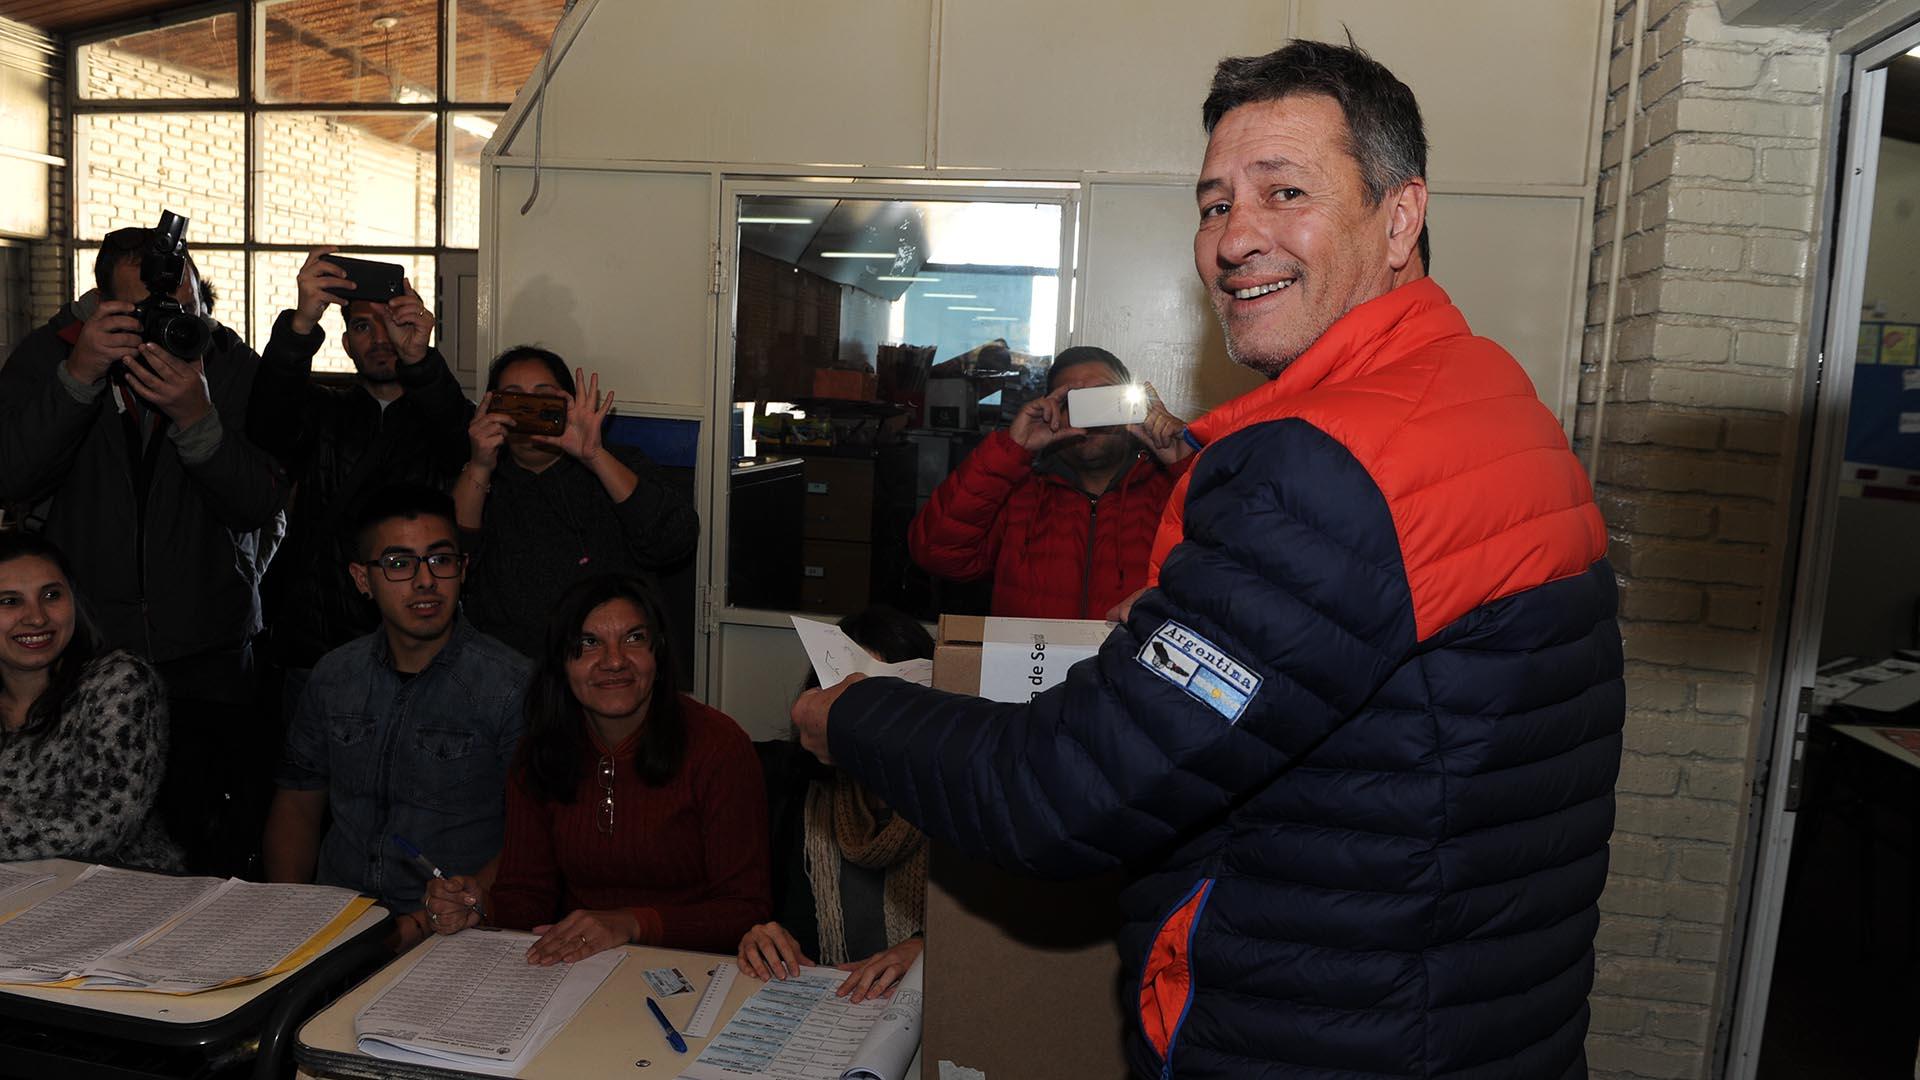 Alejandro Bermejo, precandidato peronista a gobernador en Mendoza. Compite en la primaria contra Fernández Sagasti.